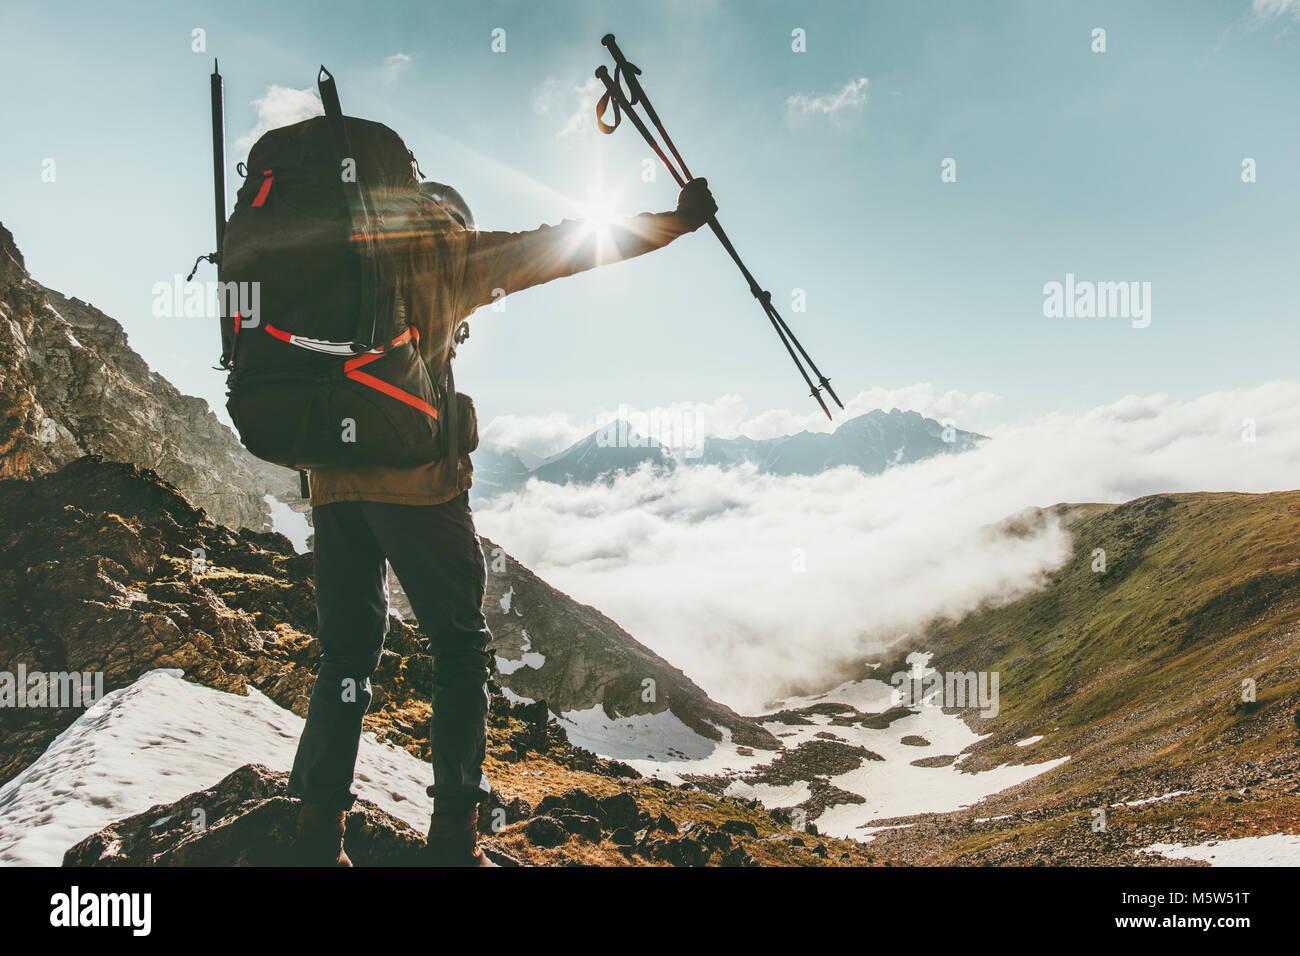 En la cumbre de la montaña hombre mochilero viaje con éxito el concepto de supervivencia en el estilo Imagen De Stock